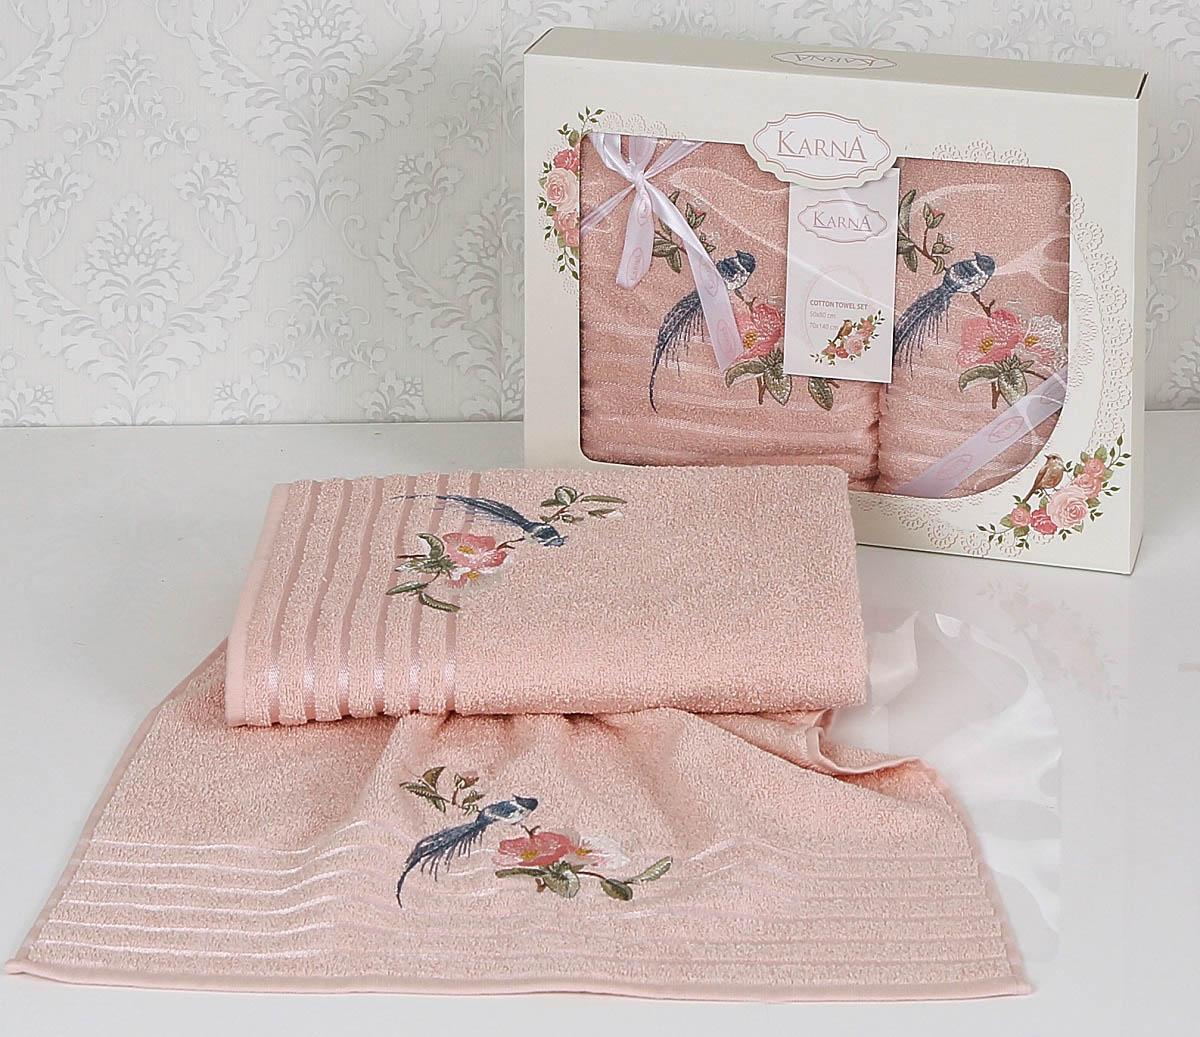 Полотенца Karna Полотенце Este Цвет: Пудра (Набор) покрывало karna rose с вышивкой пудра 200х220 см